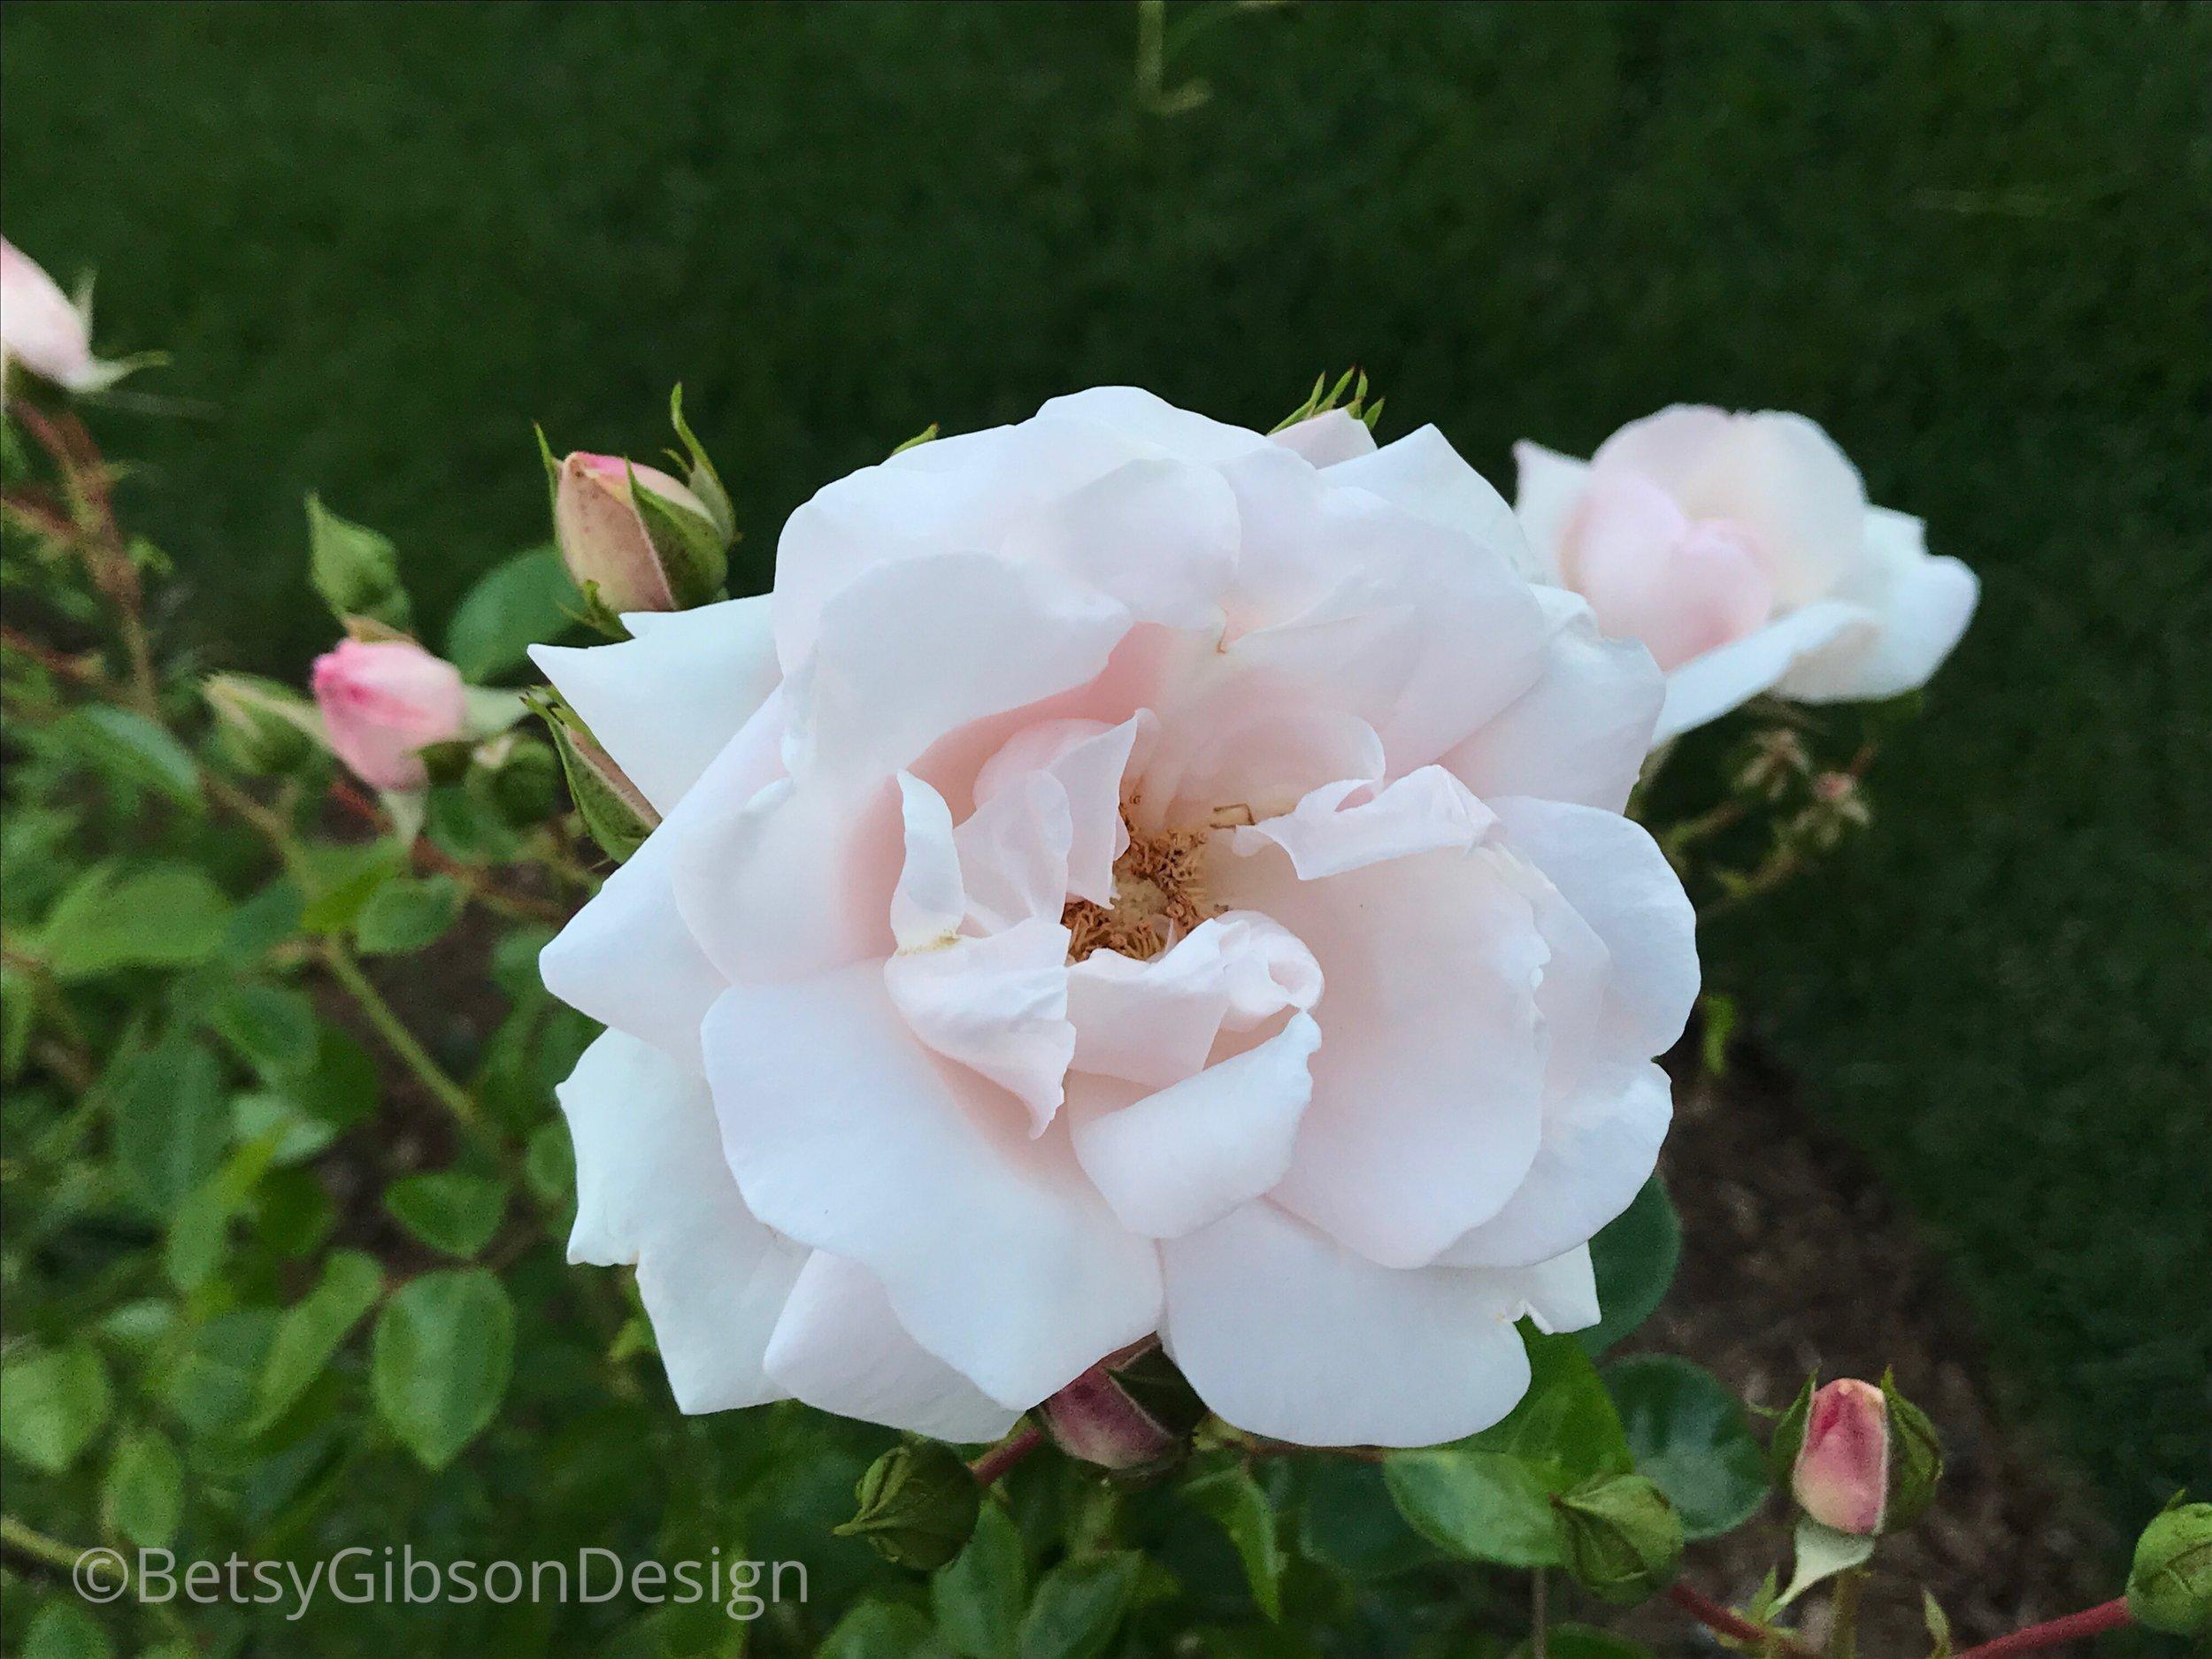 A Sconset Rose. June 2018. ©betsygibsondesign.com